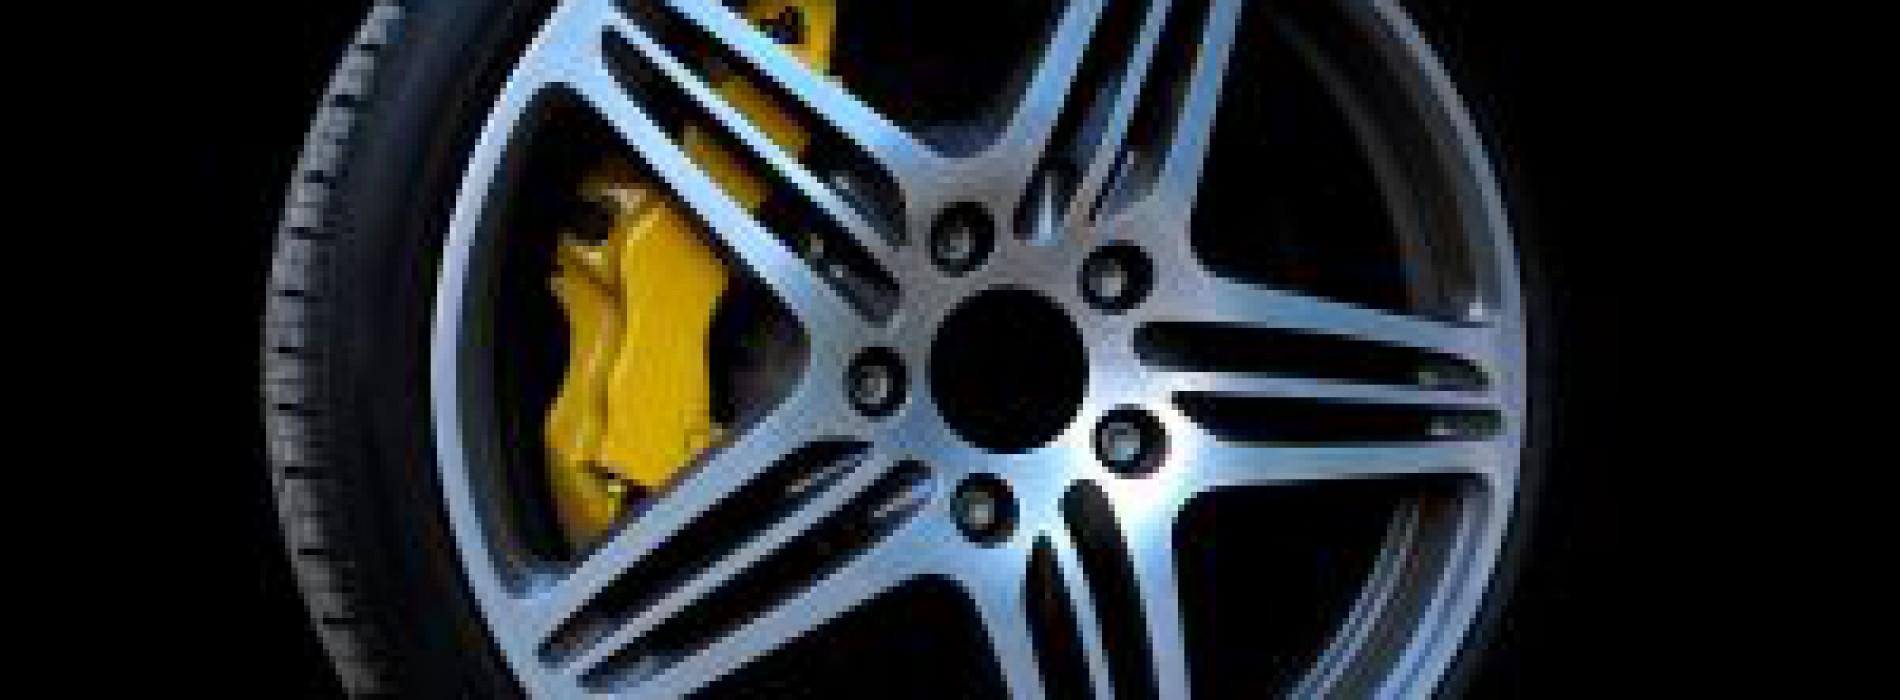 Michelin w Olsztynie będzie wytwarzać formy do innowacyjnej opony